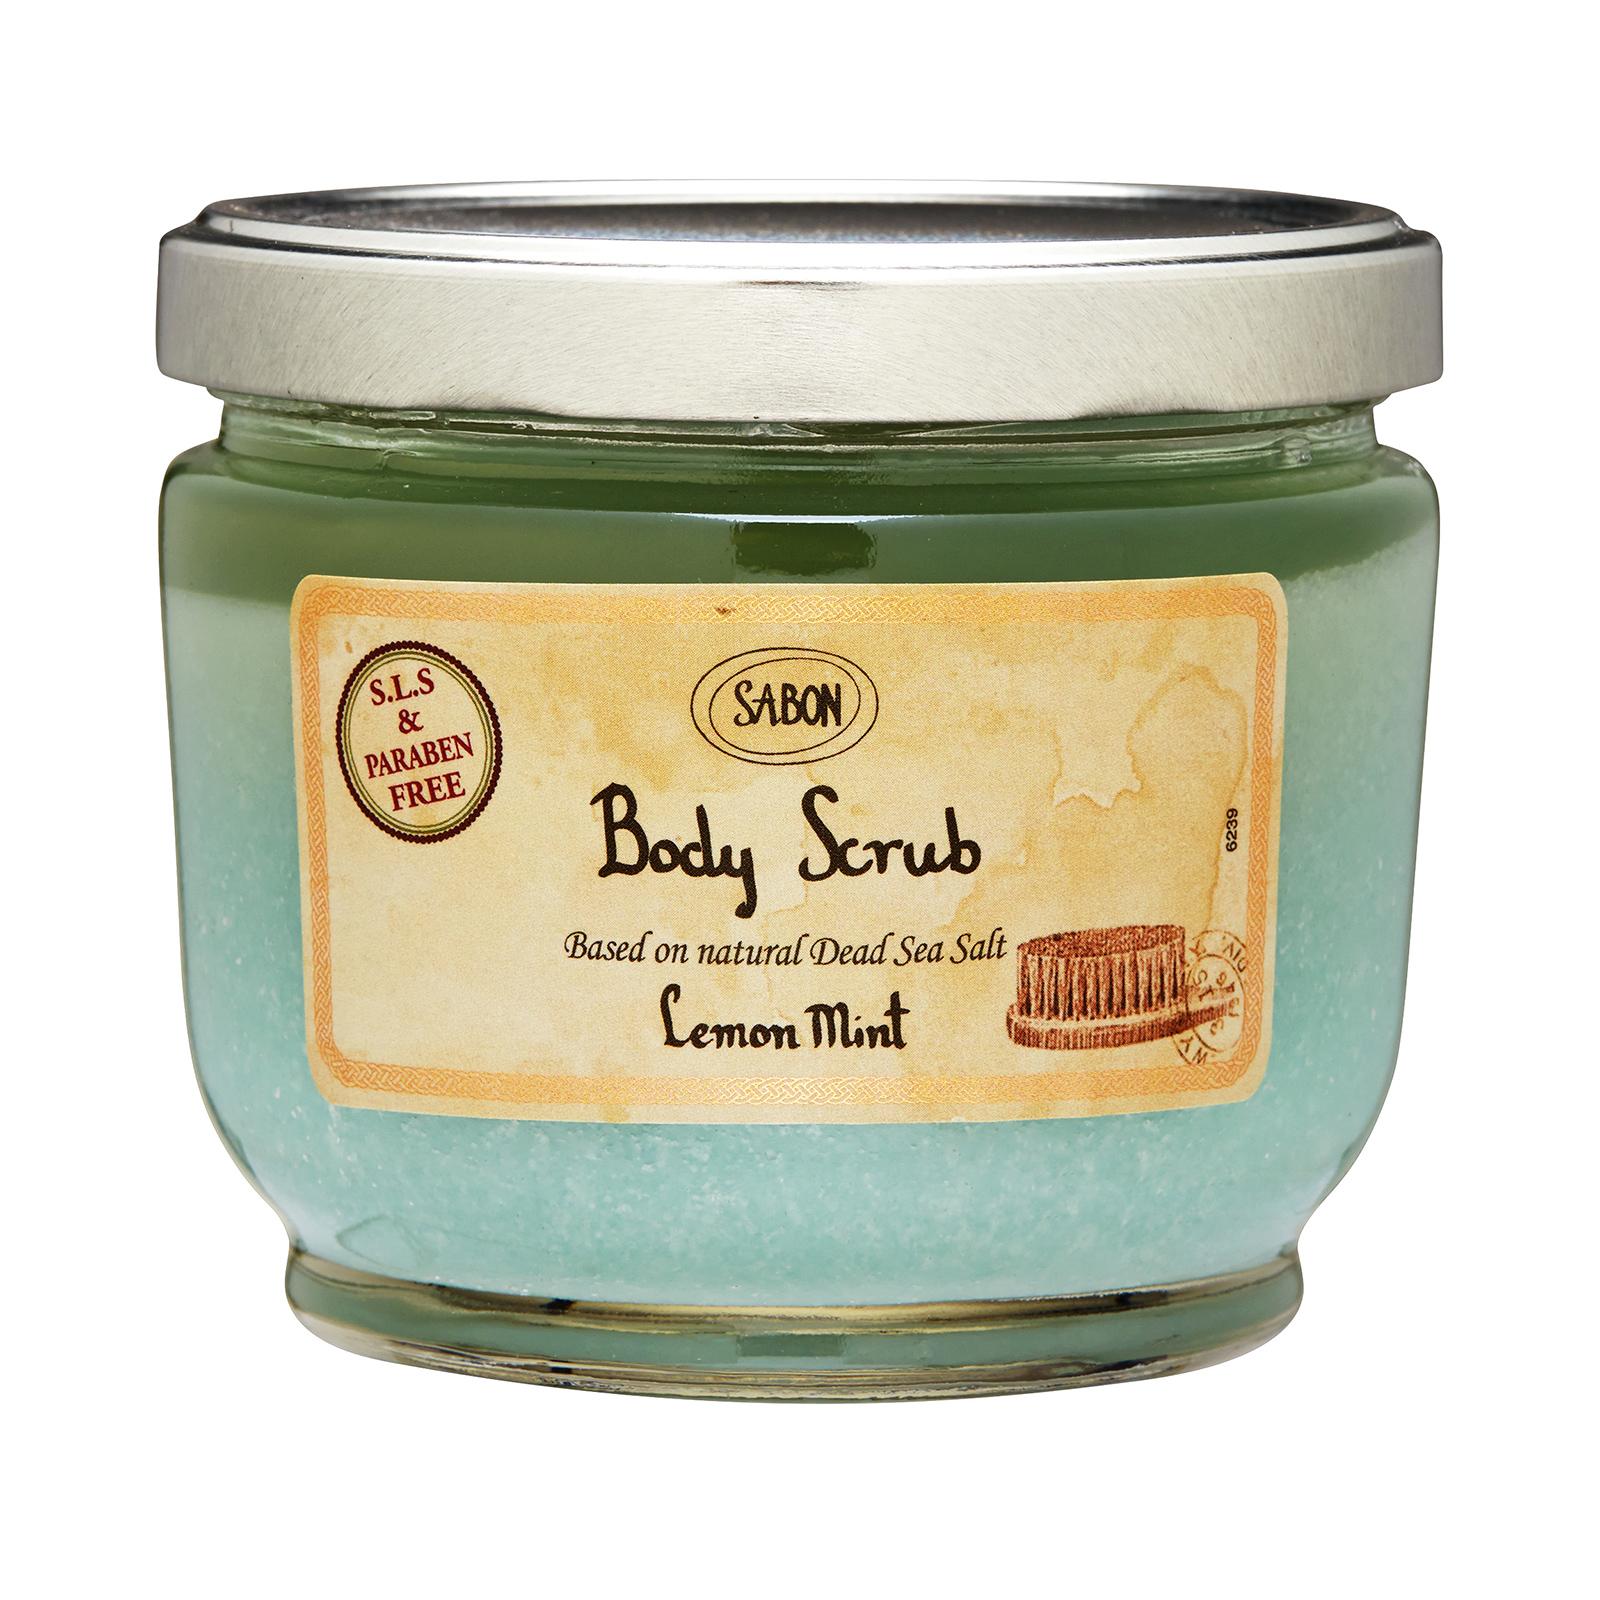 Sabon Body Scrub Lemon Mint, 21.2oz, 600g